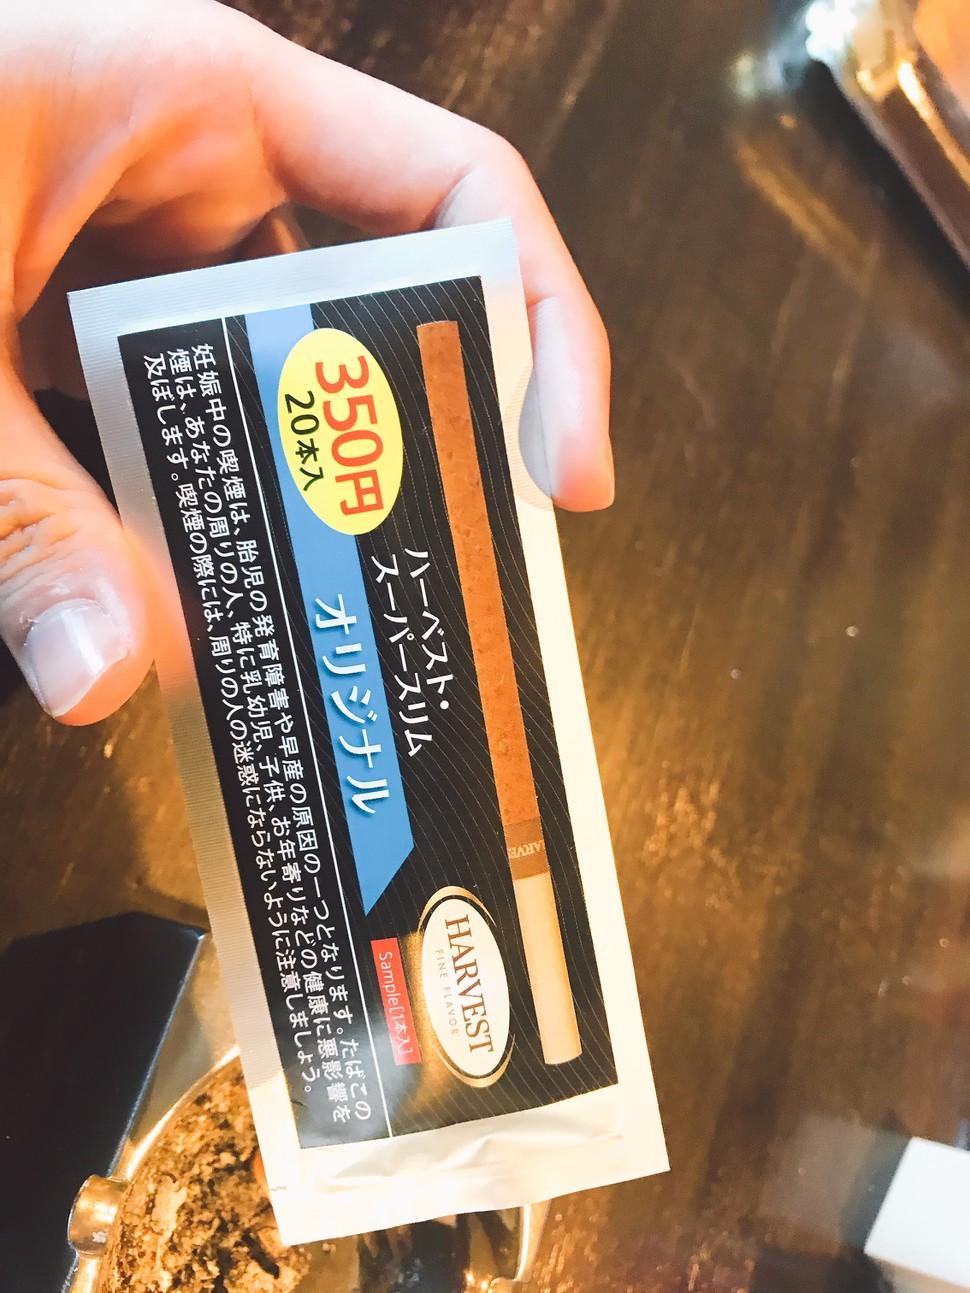 Flavor びん かん